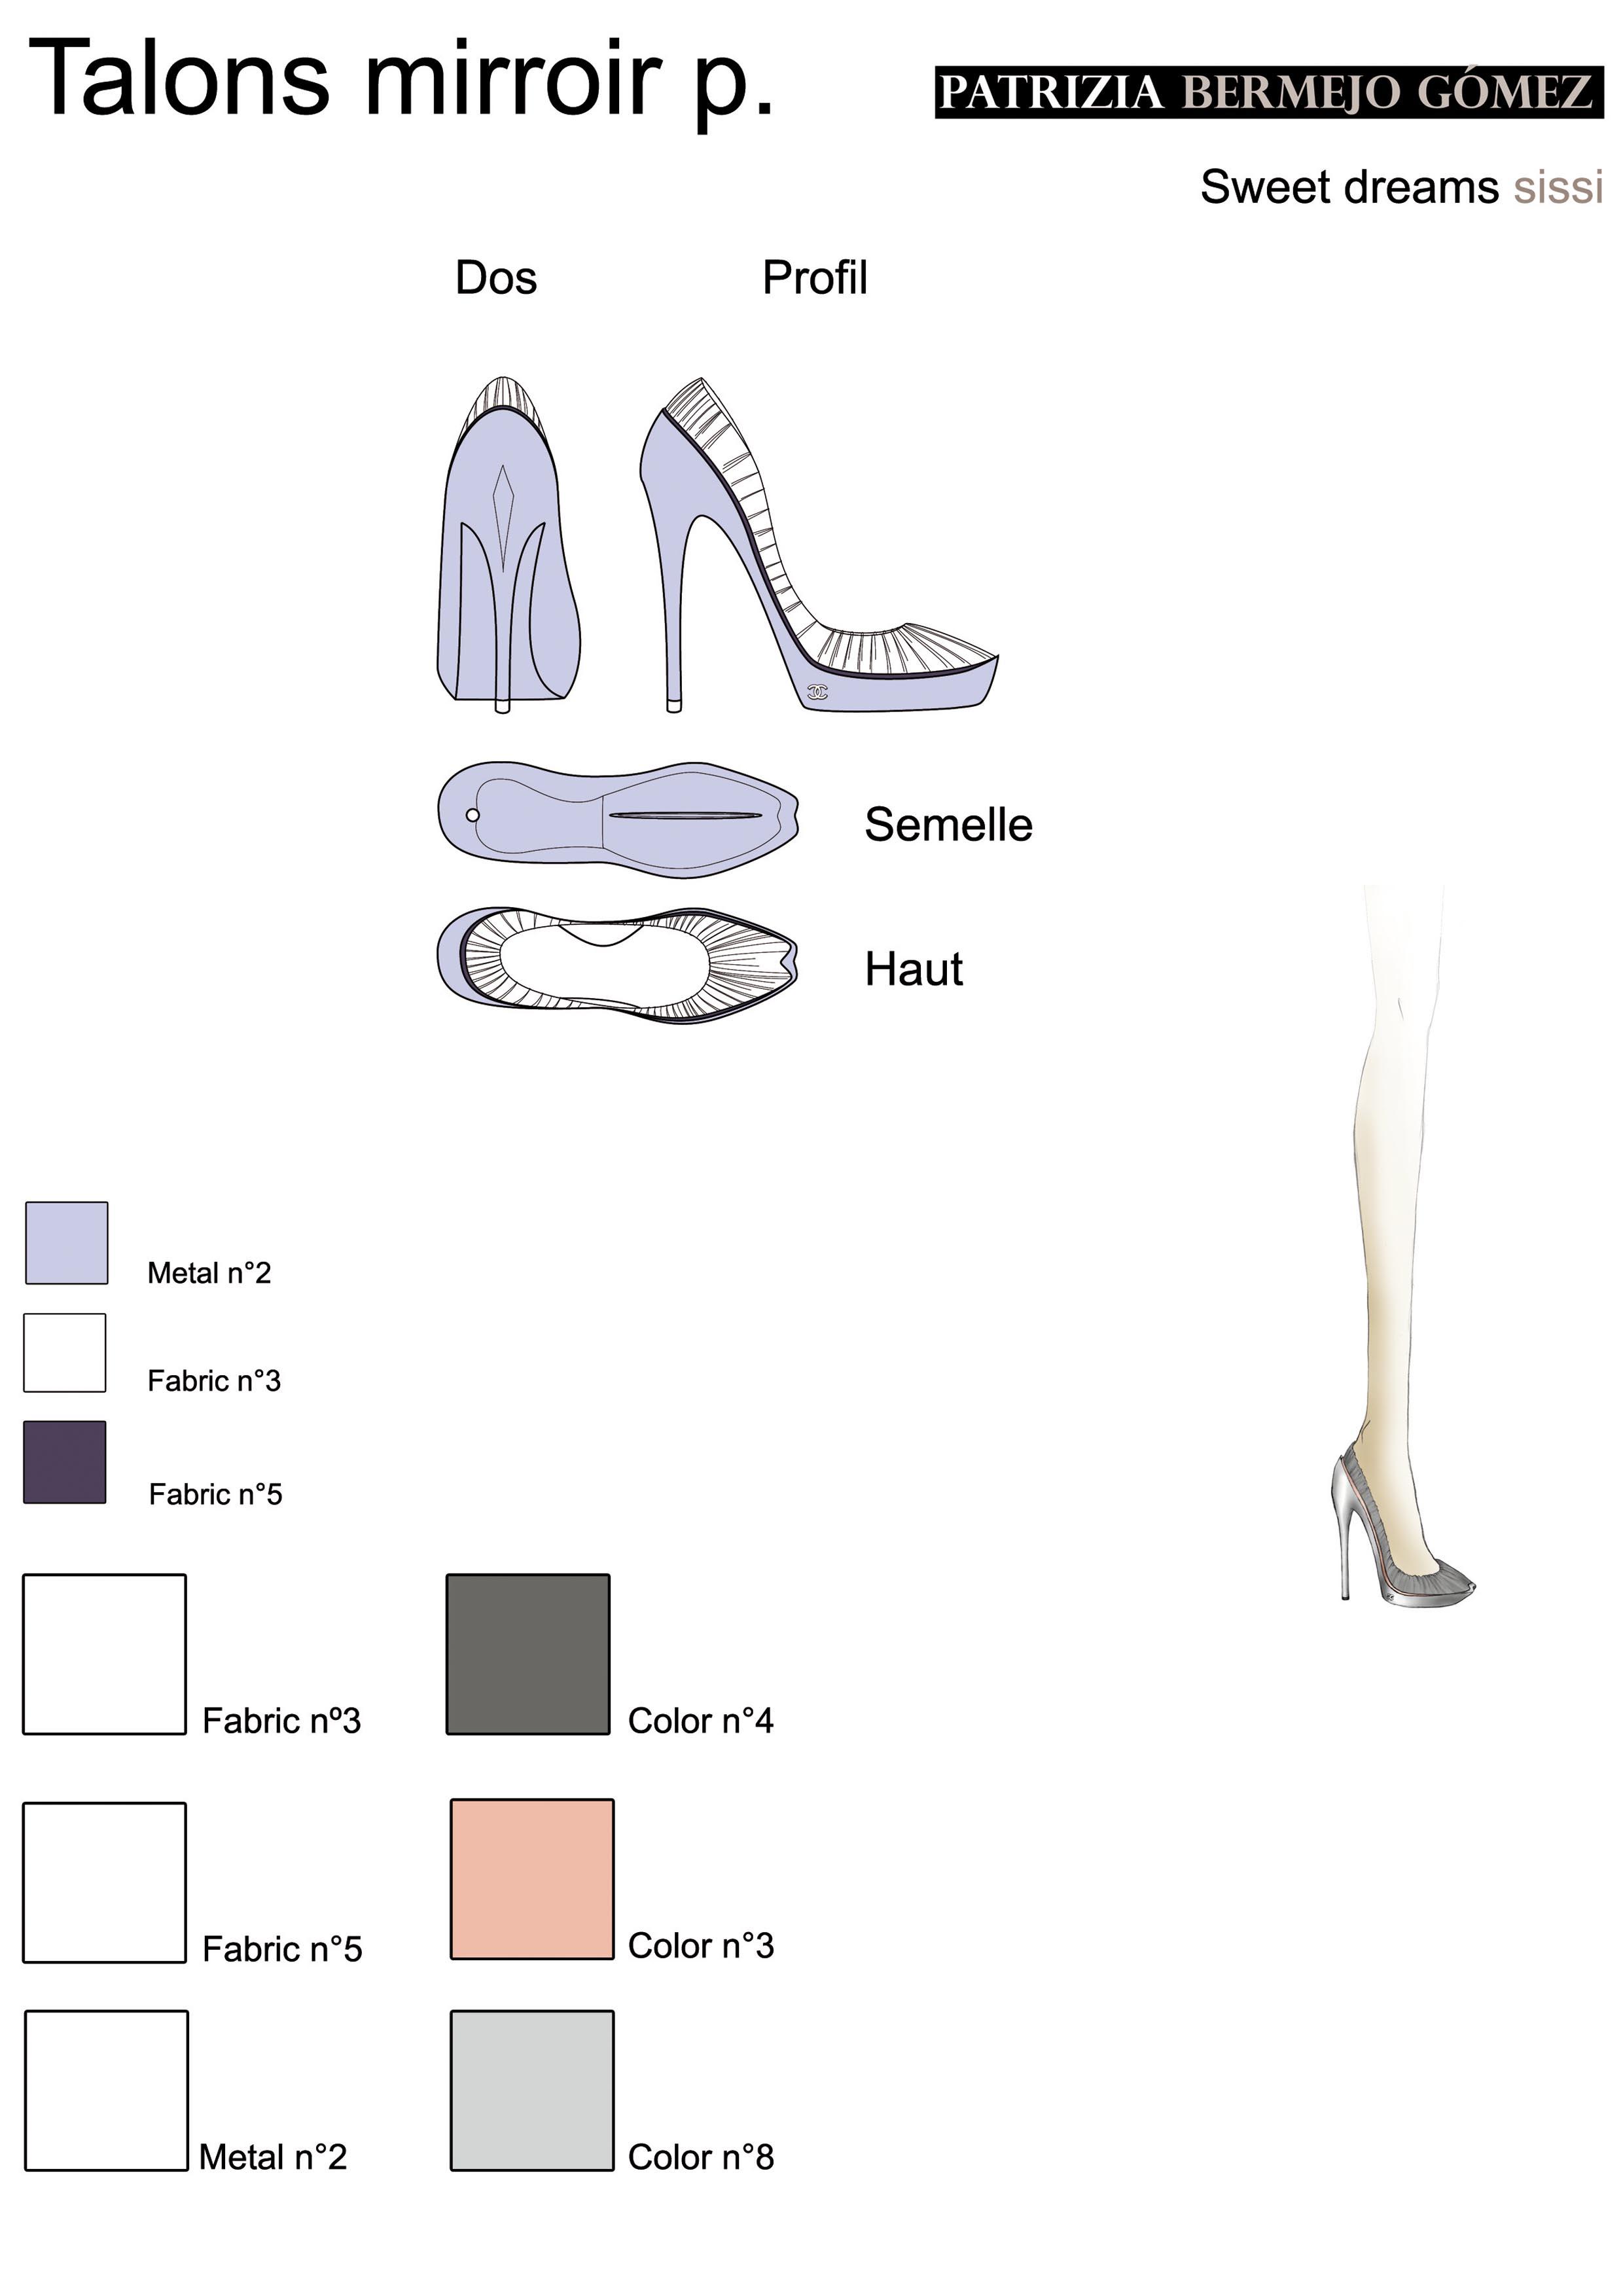 Talon mirroir plis